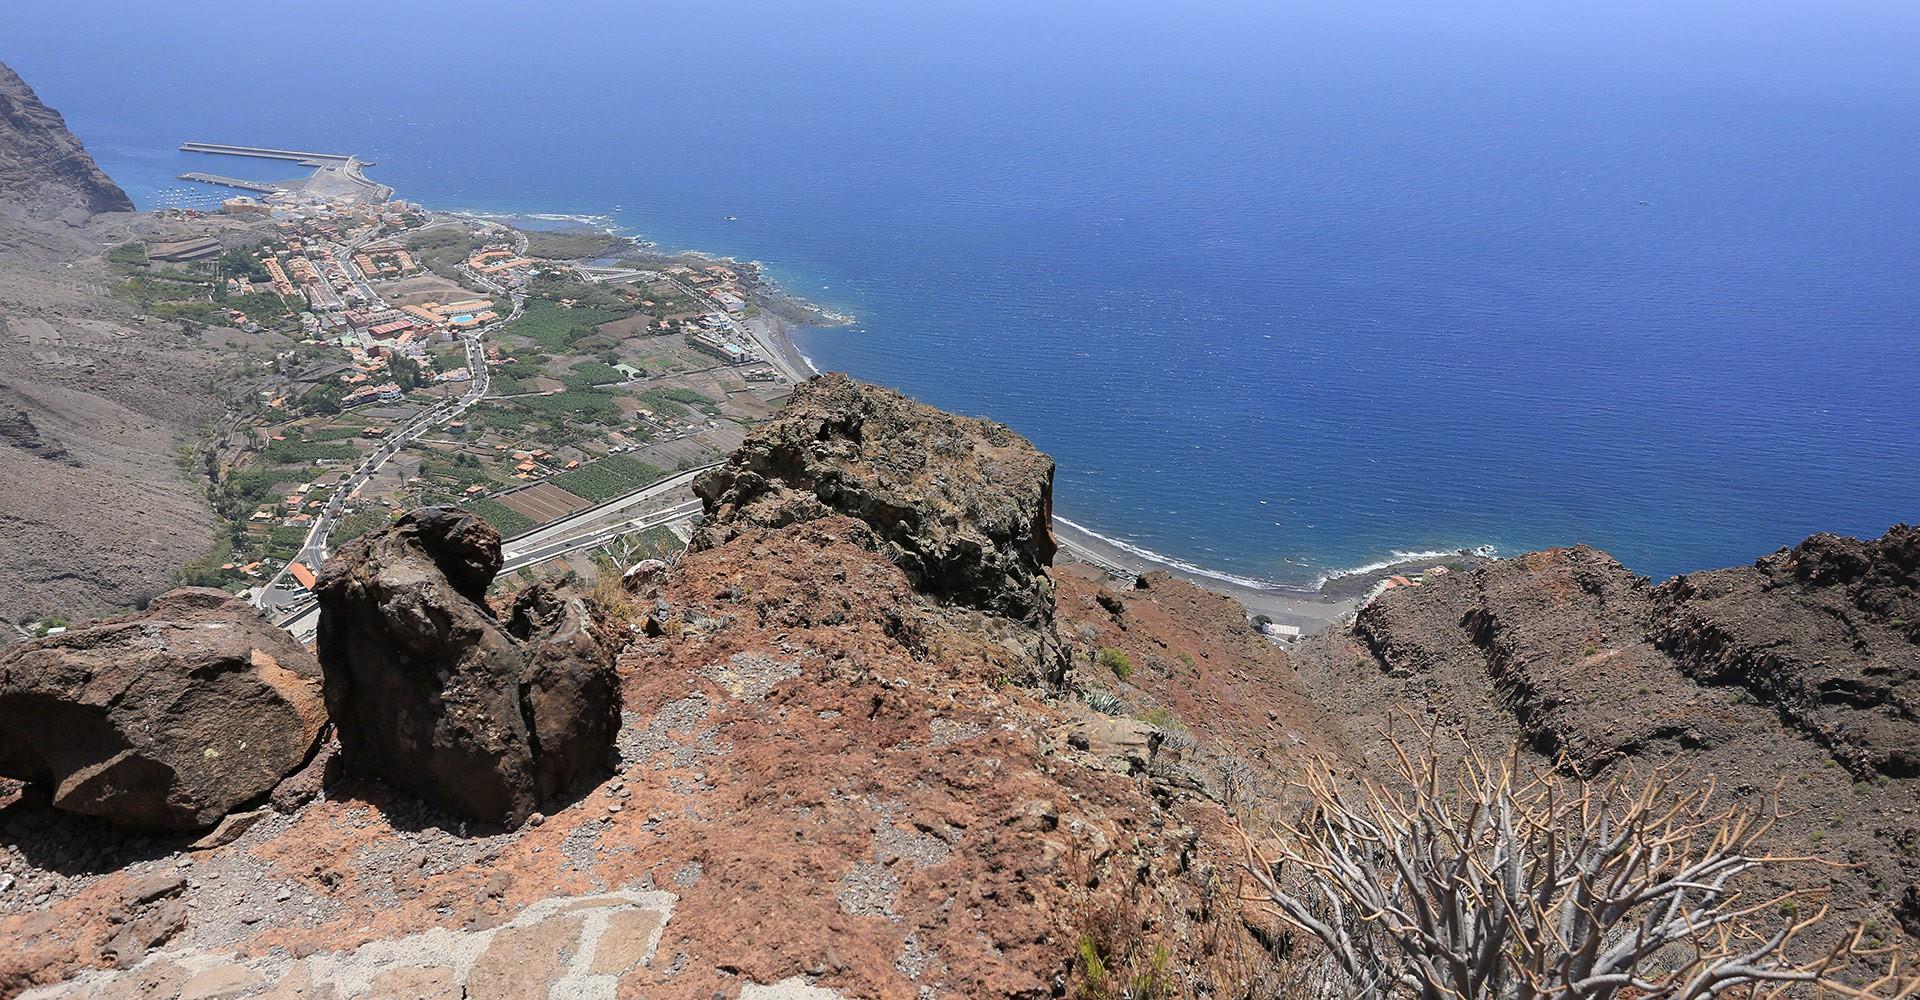 Blick auf den Hafen von Vueltas